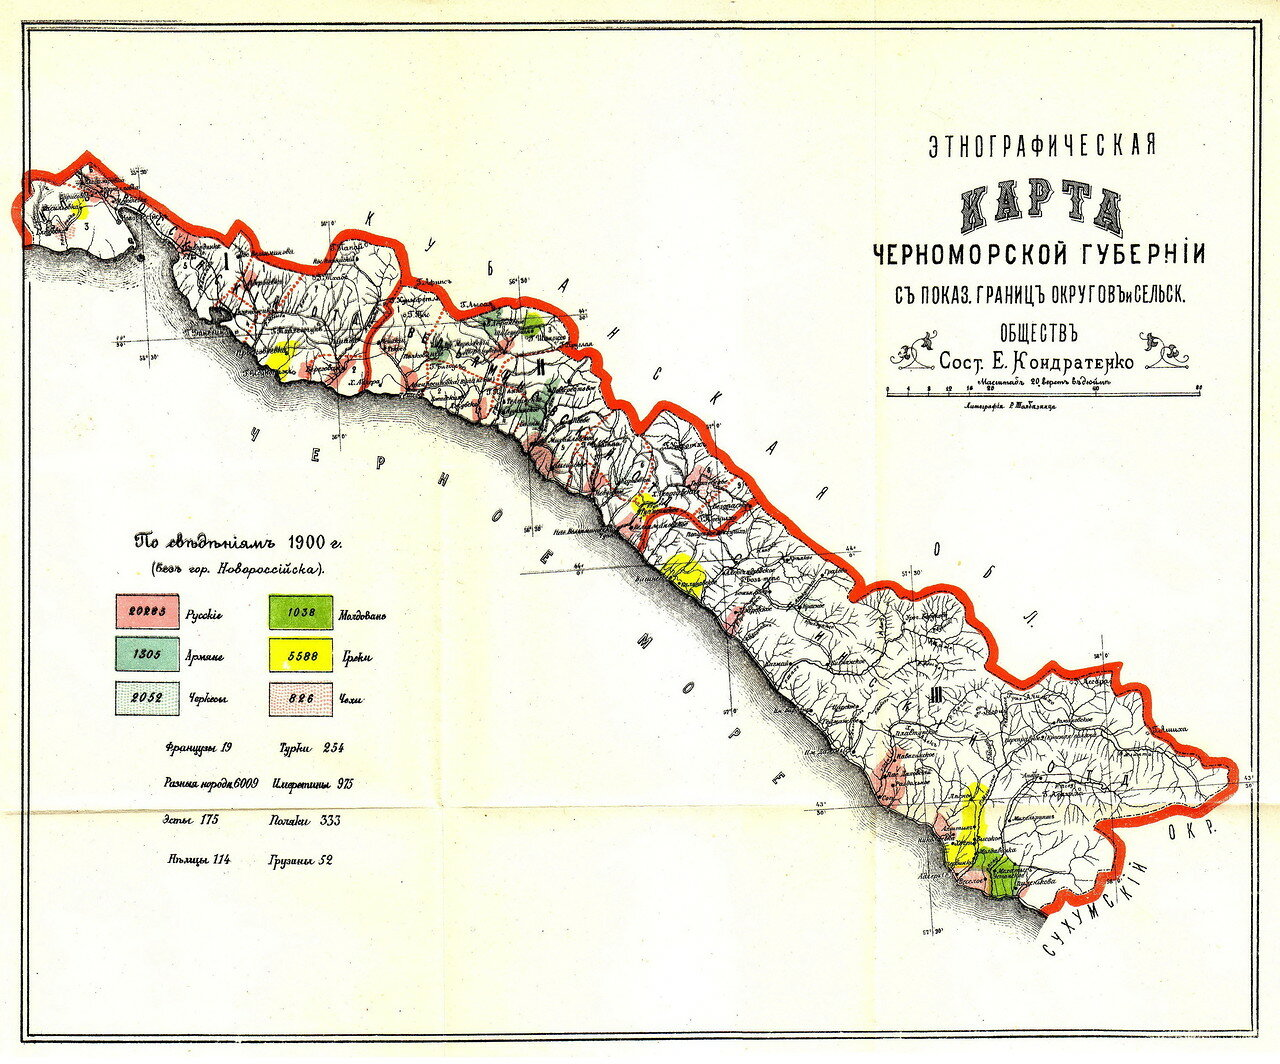 1900. Этнографическая карта Черноморской губернии